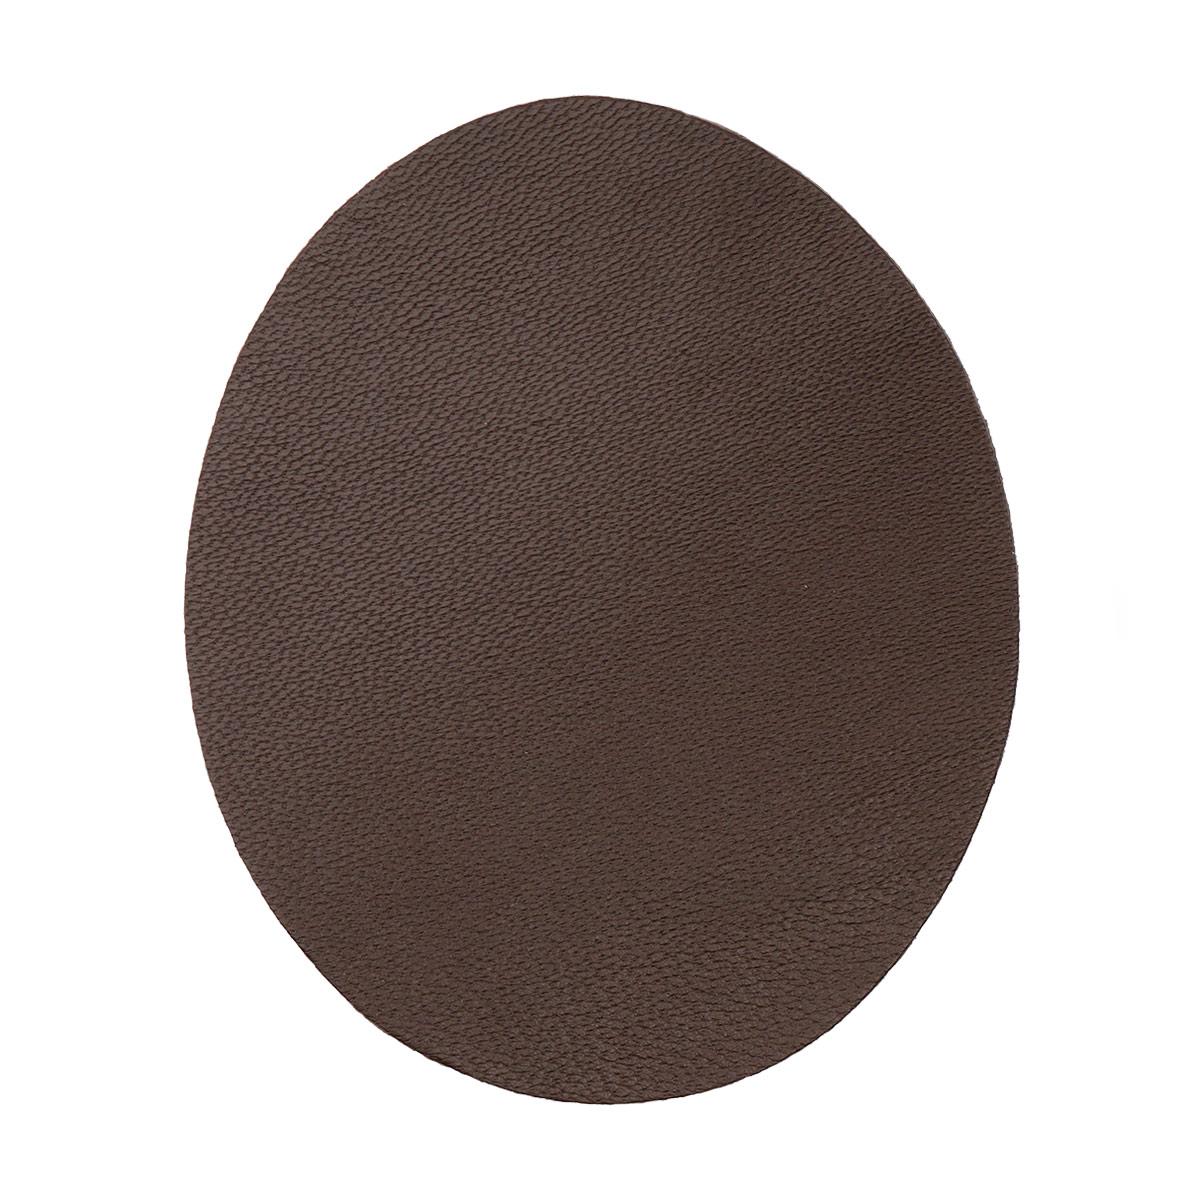 Термоаппликация овал малый, 2шт в уп., 100% кожа